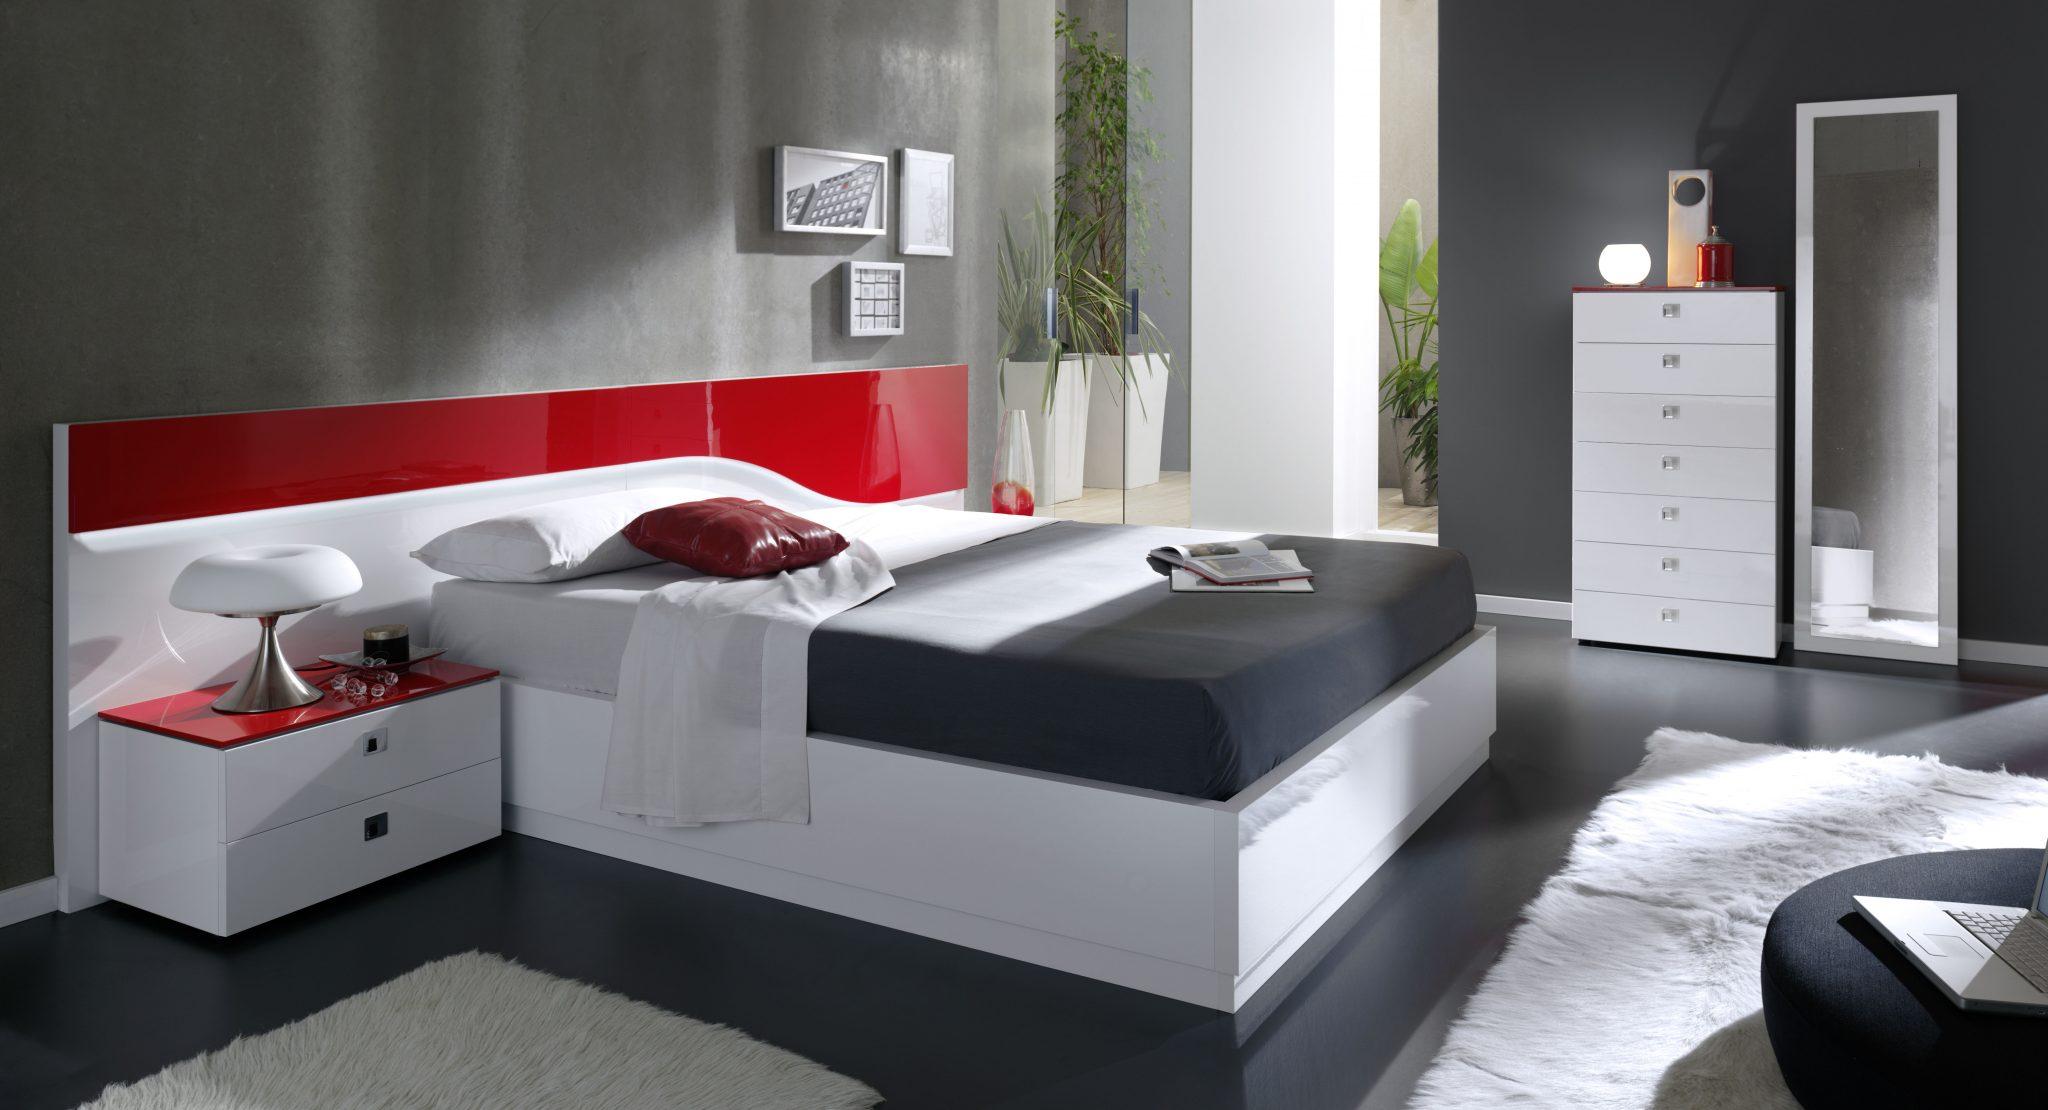 Habitaciones de matrimonio los 10 imprescindibles hoy - Imagenes para dormitorios ...